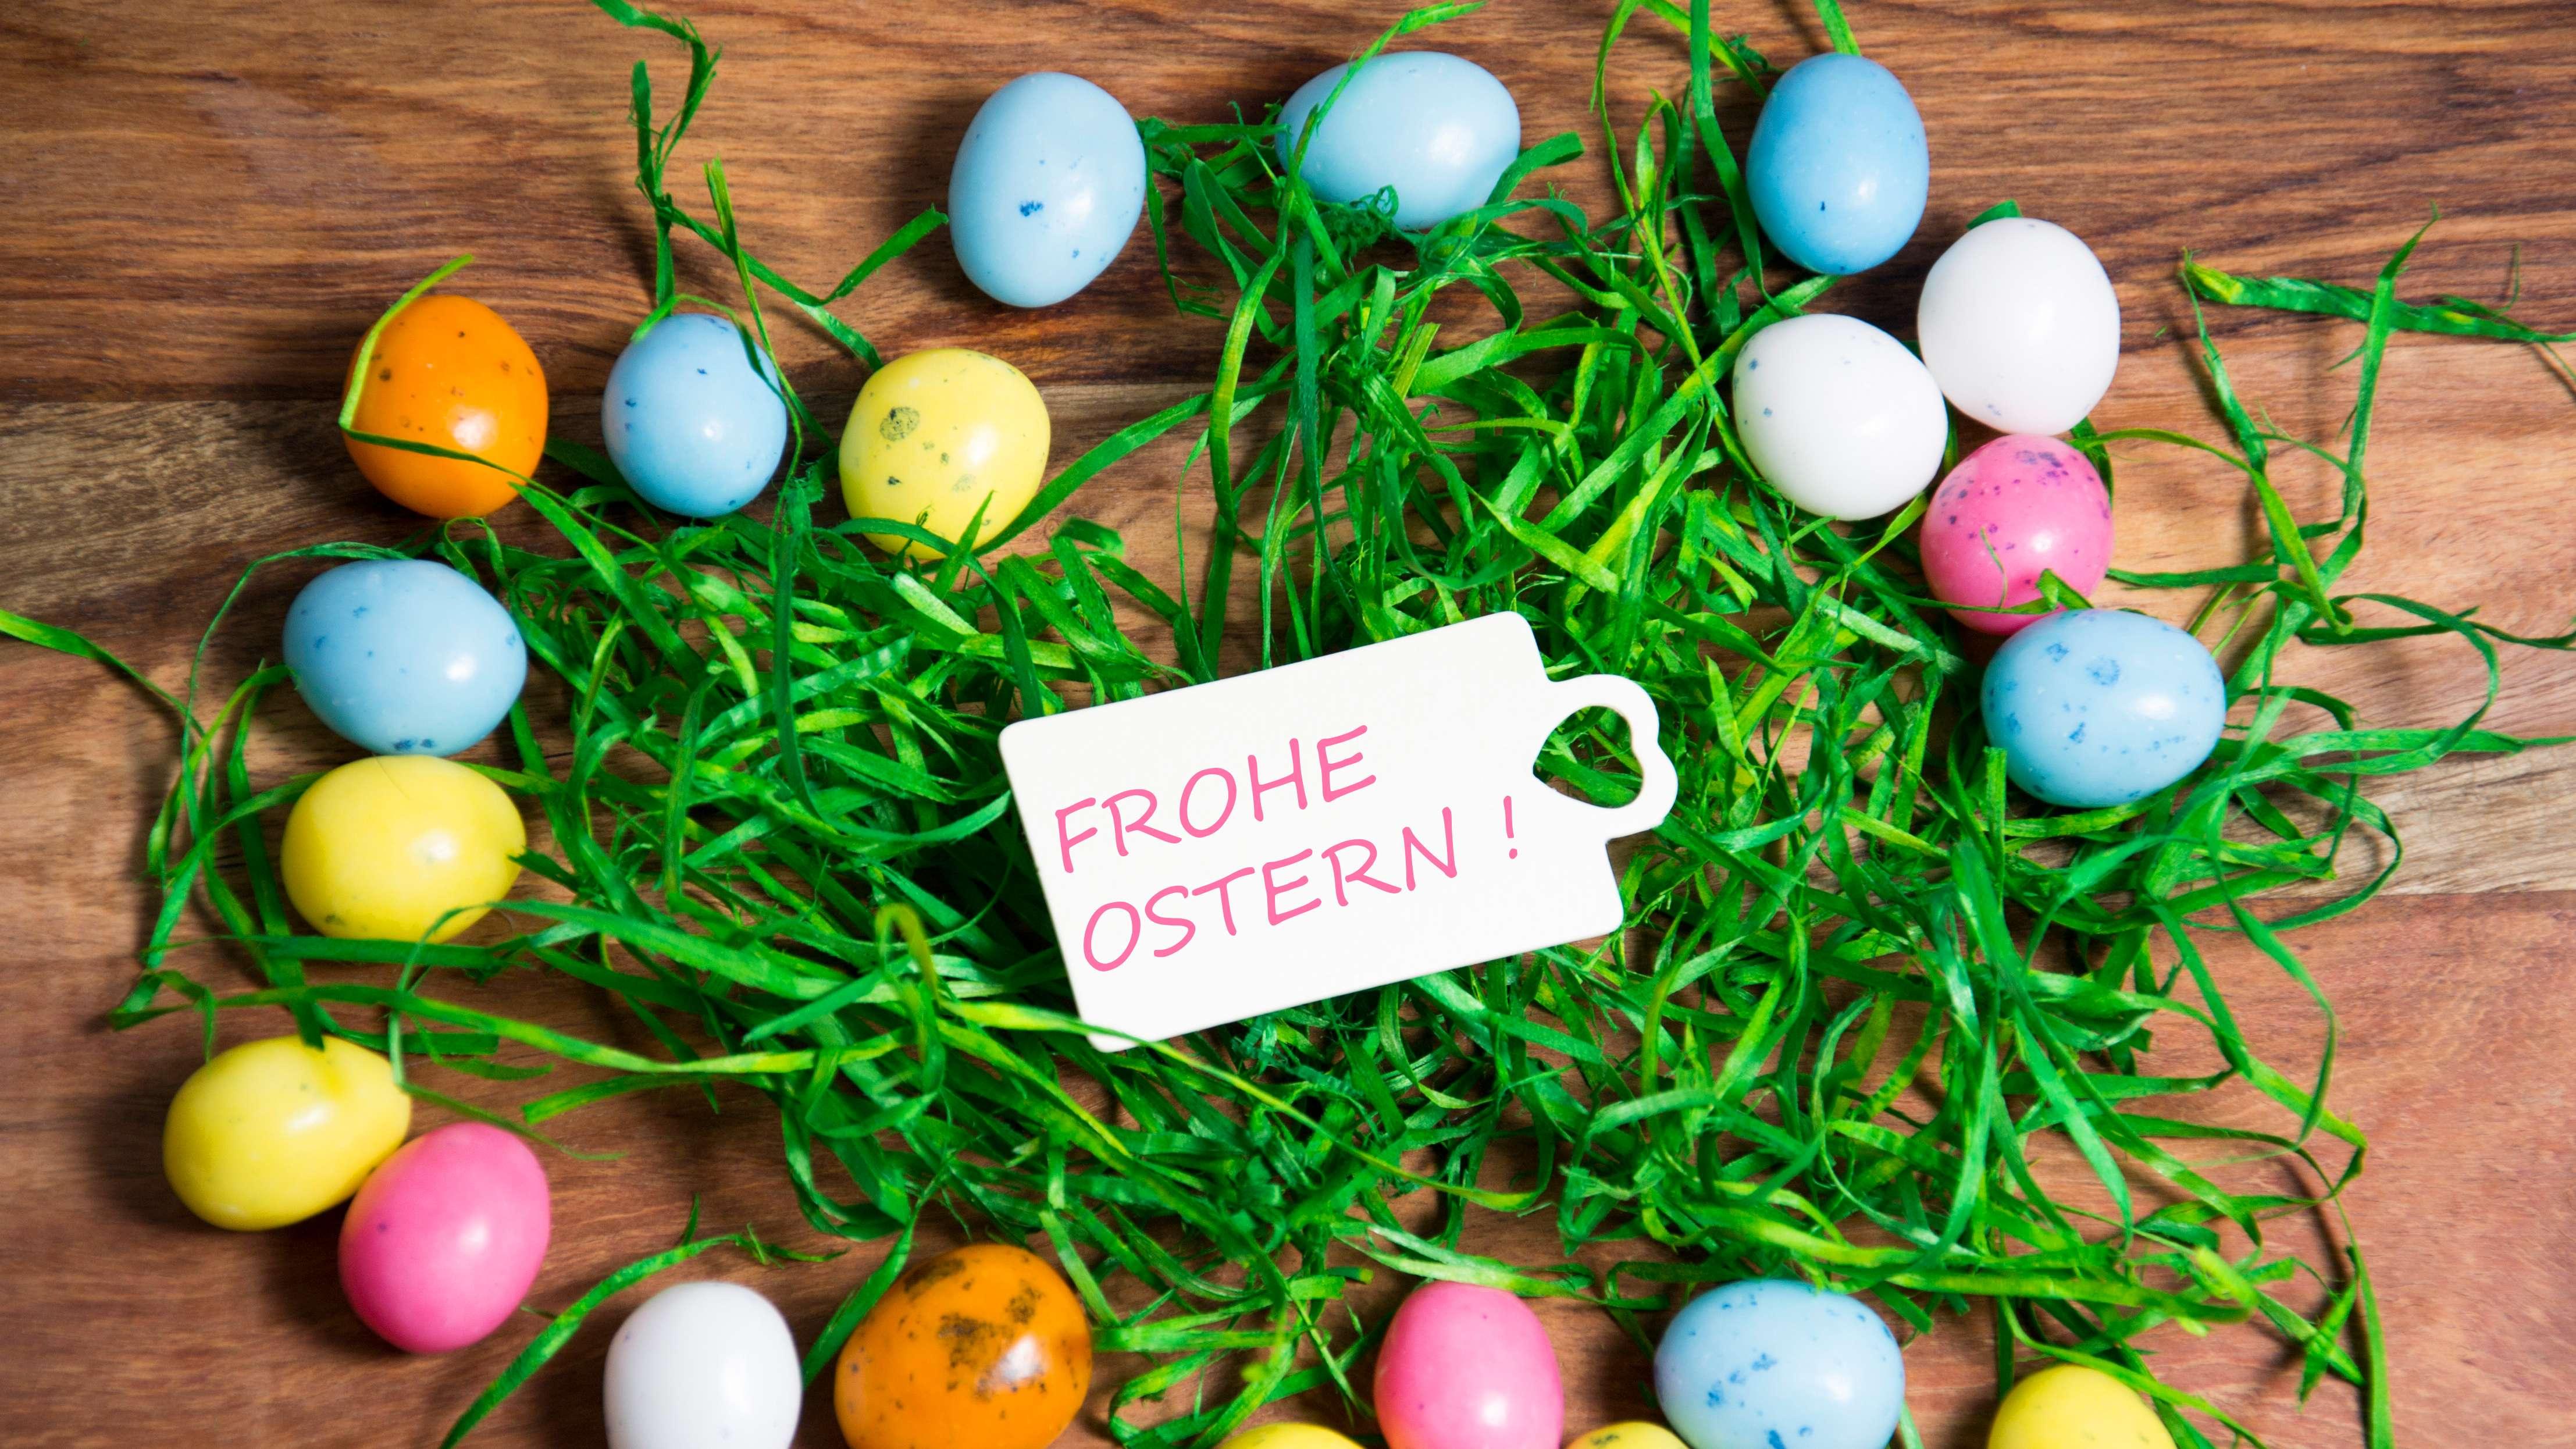 Zu Ostern freuen wir uns über bunte Ostereier.